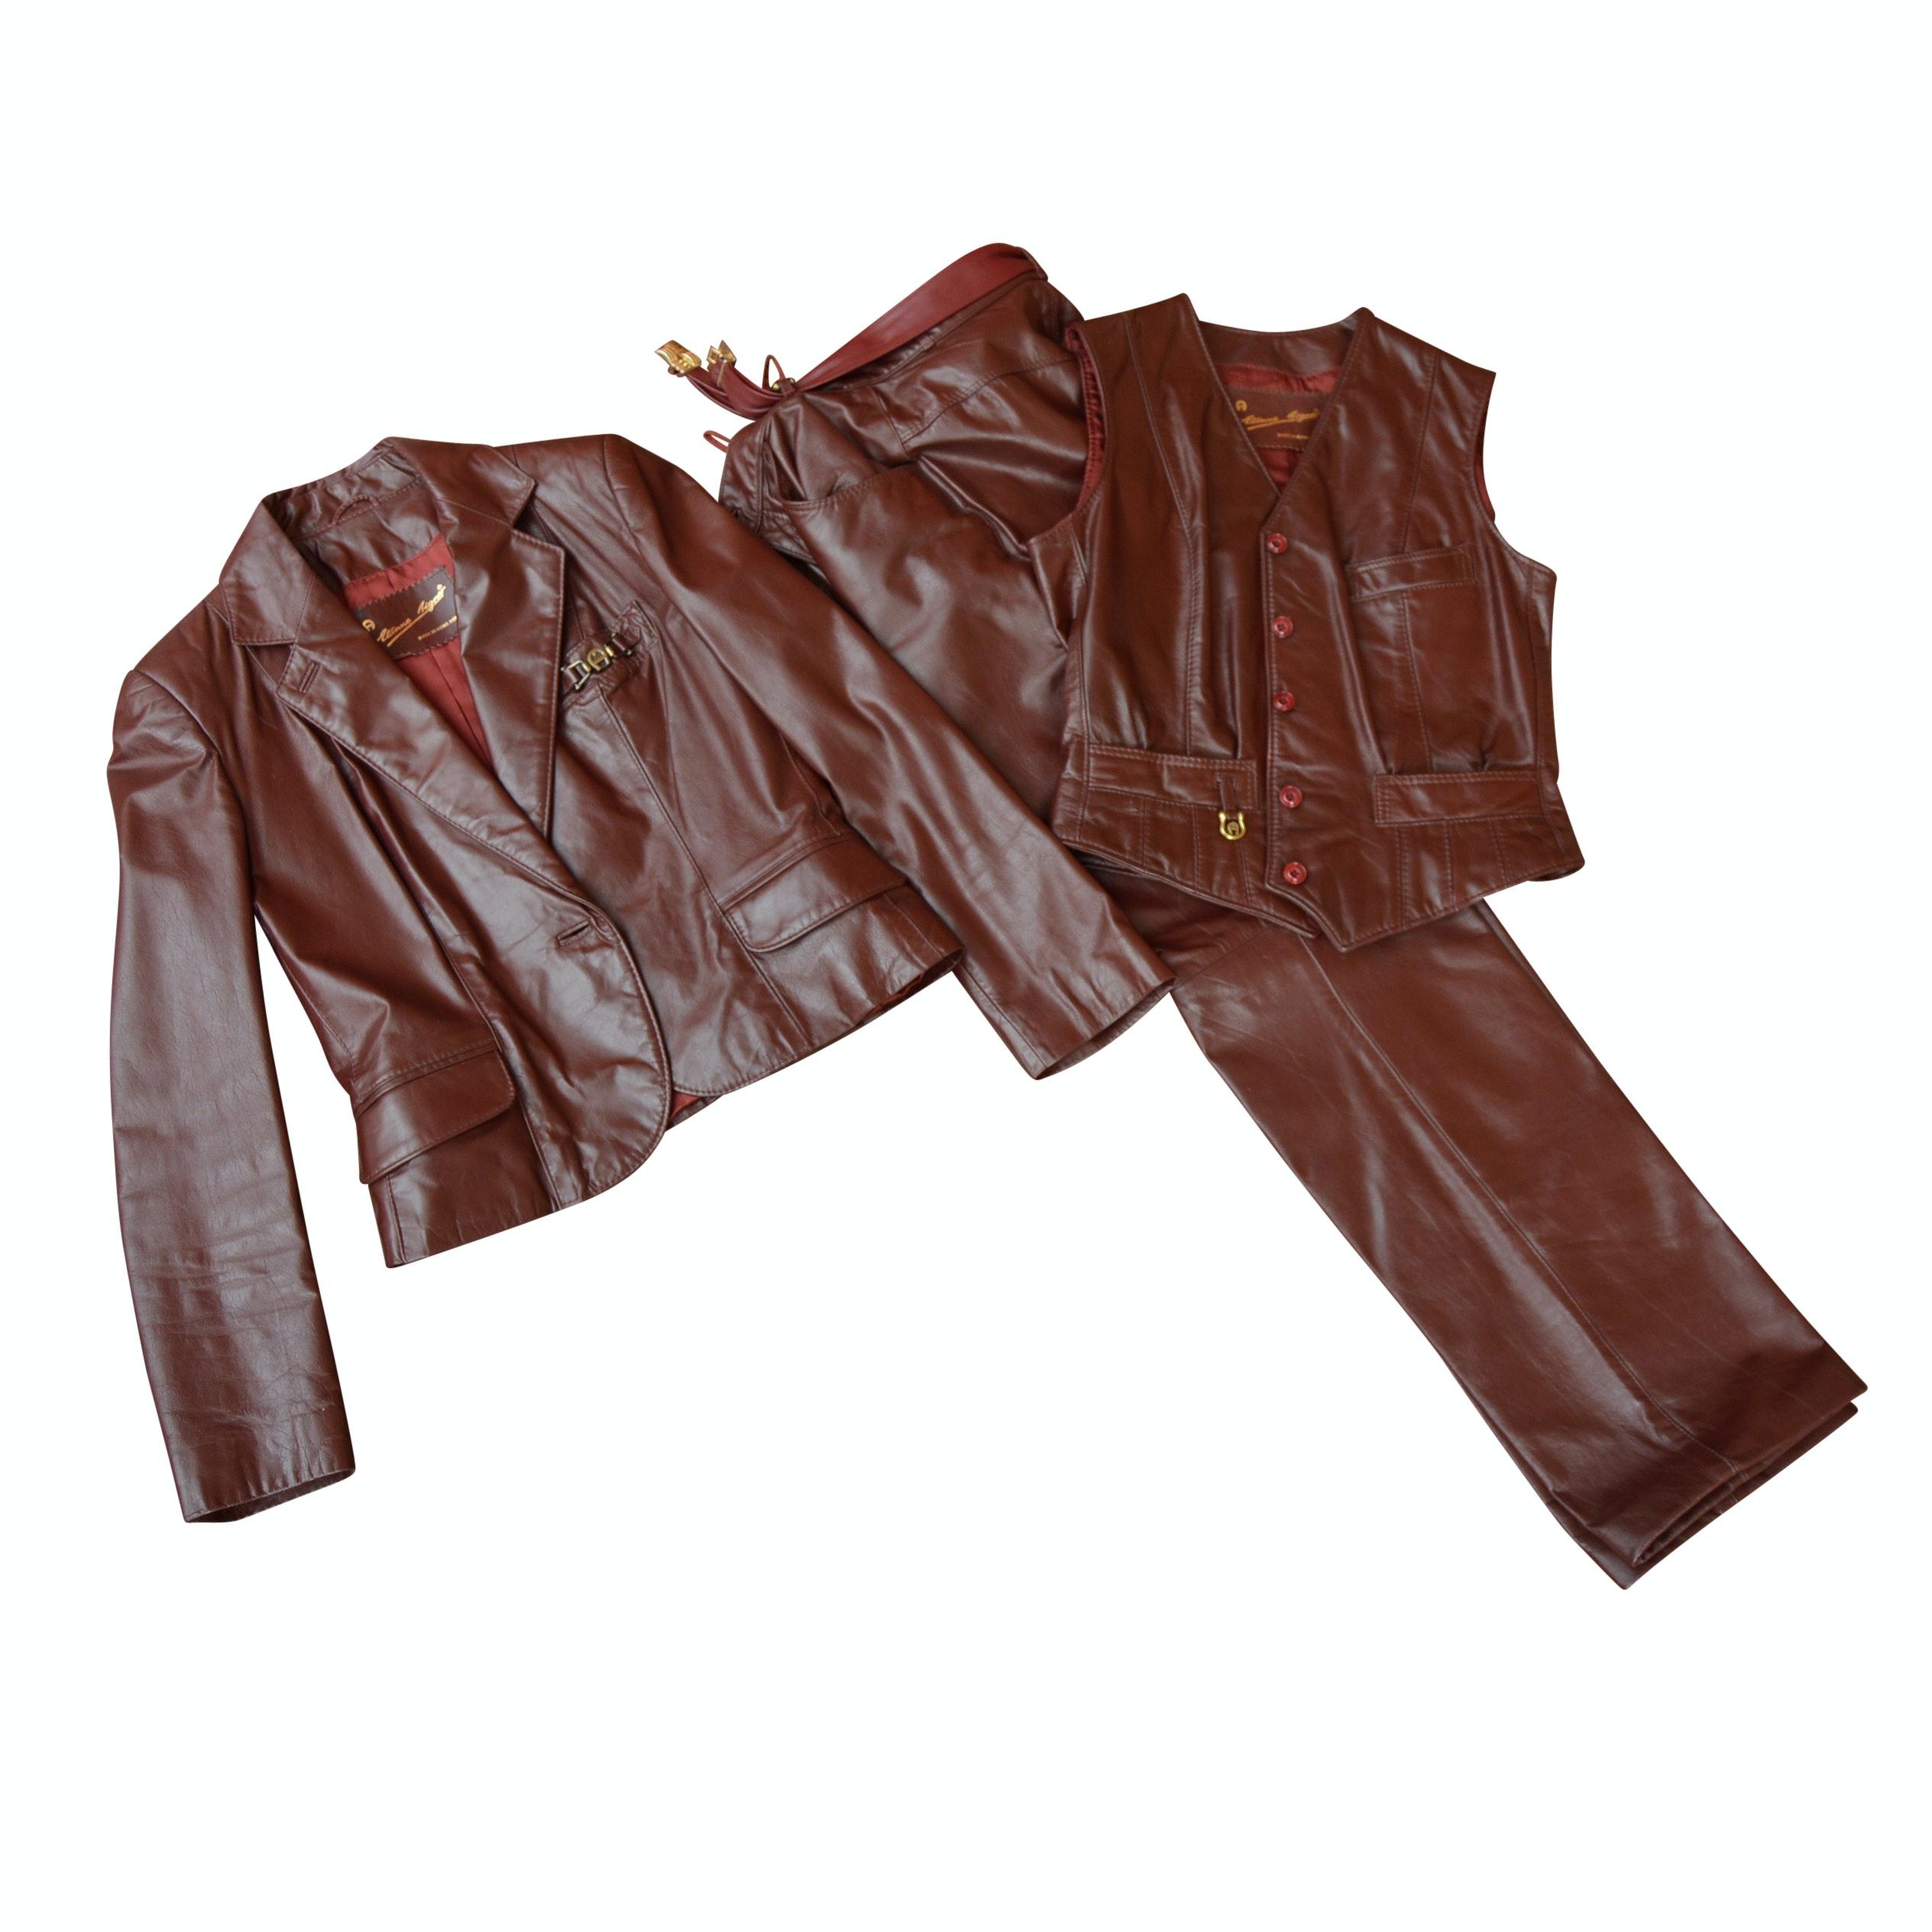 Women's Vintage Etienne Aigner Oxblood Leather Suit Ensemble